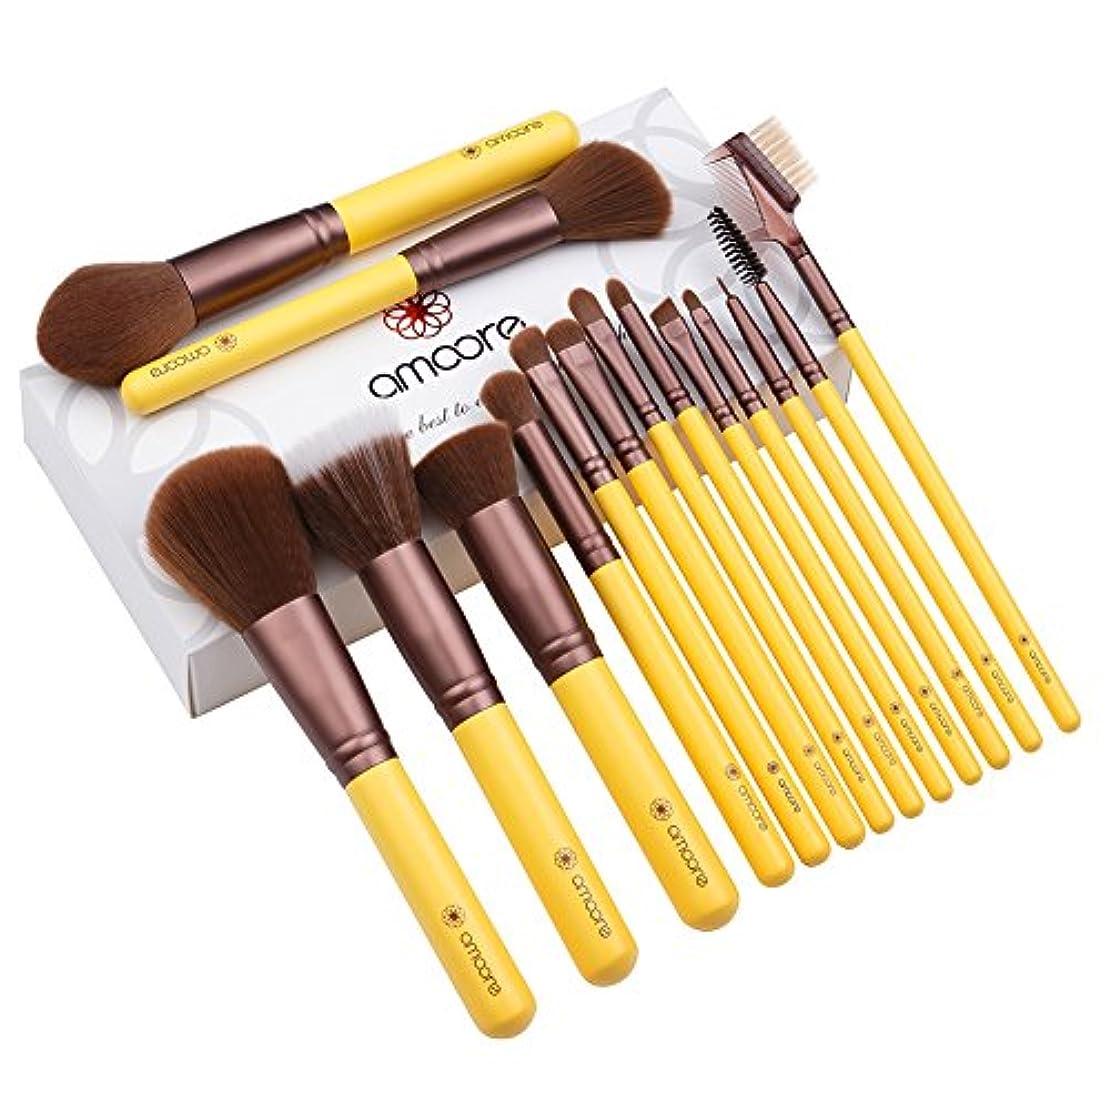 商業のクリークに関してamoore 15本 化粧筆 メイクブラシセット コスメ ブラシ 化粧ブラシ (15本, イエロー)